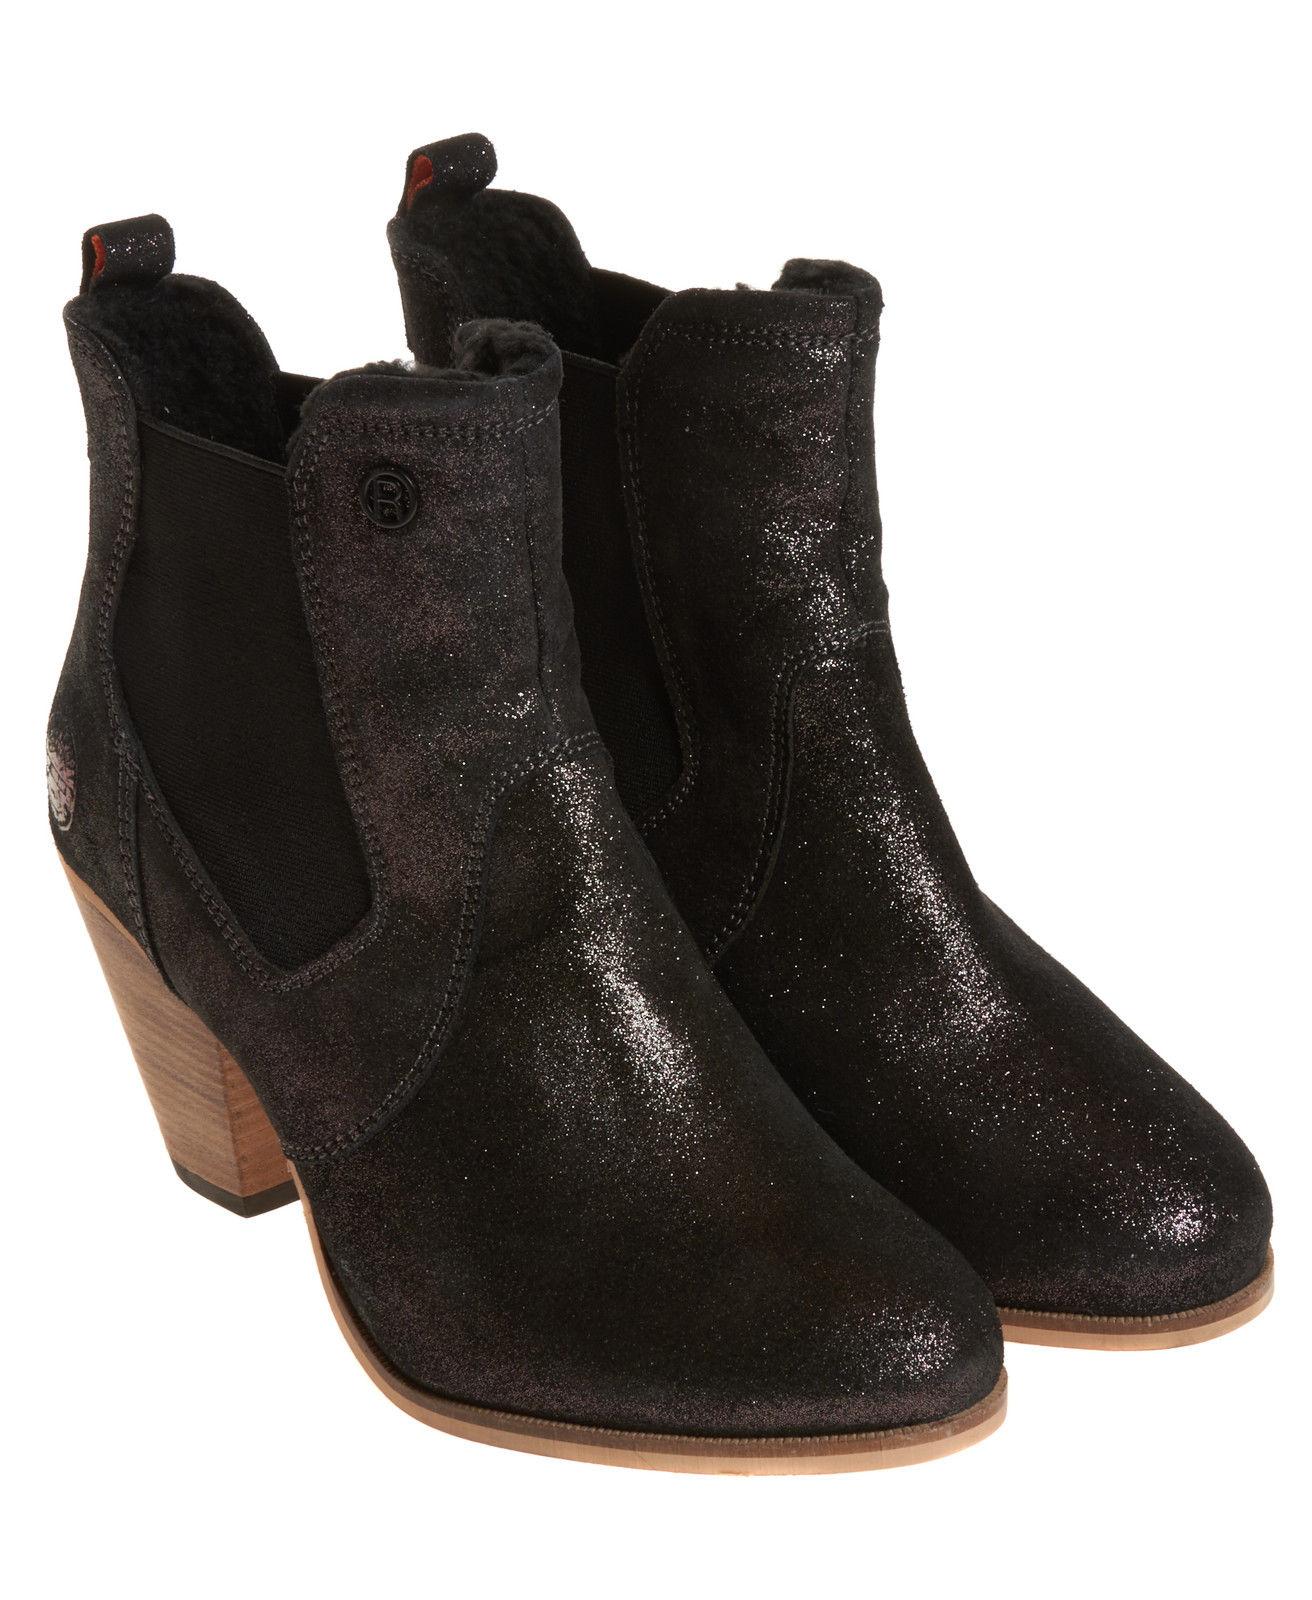 Sélection d'articles en promotion - Ex : Chaussures en cuir femme Superdry - Taille 36/37 ou 41